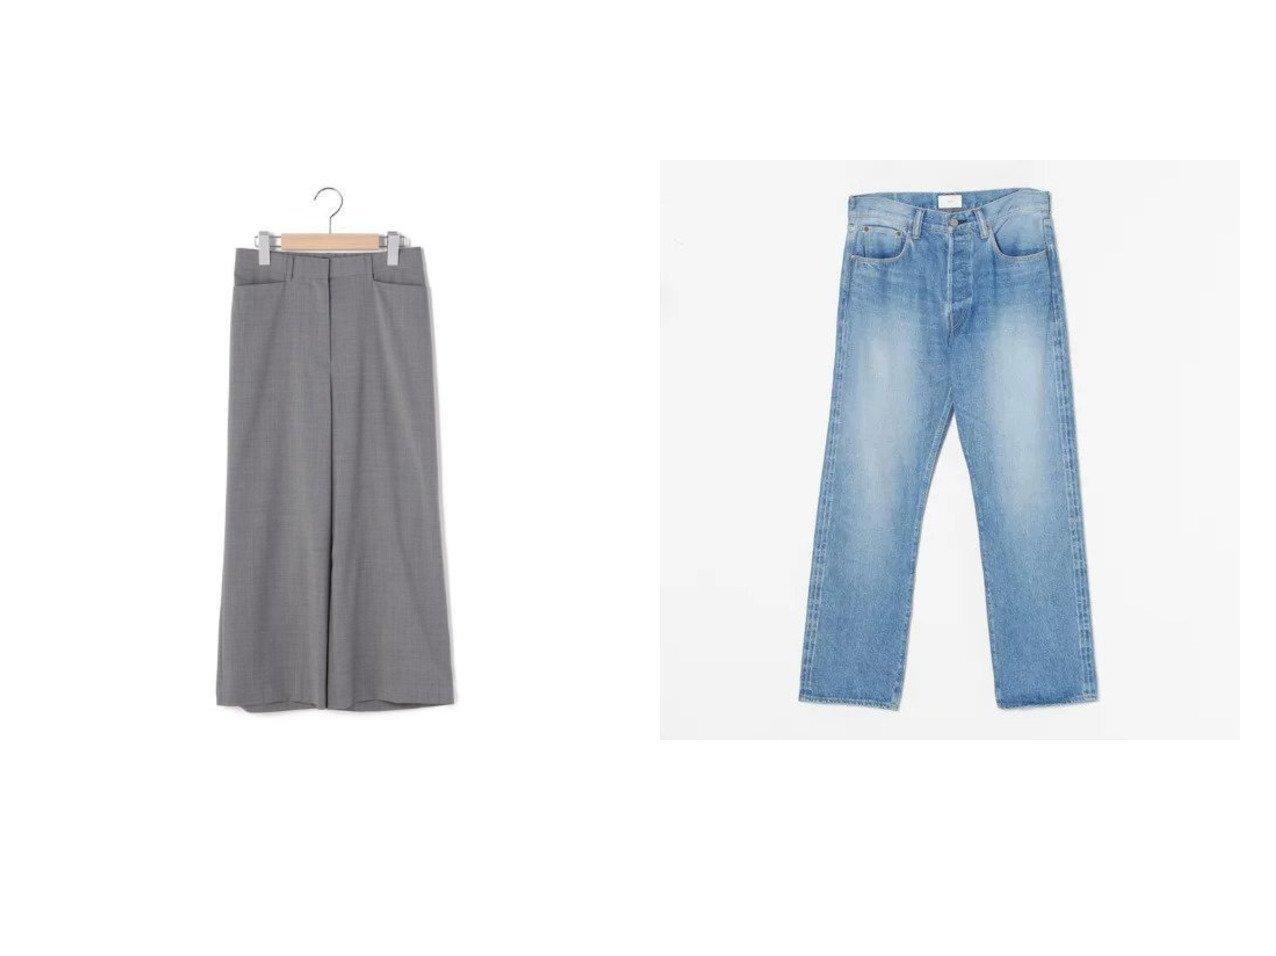 【SACRA/サクラ】のOLD SCHOOL DENIM&【KEITH/キース】のTWポプリン パンツ 【パンツ】おすすめ!人気、トレンド・レディースファッションの通販 おすすめで人気の流行・トレンド、ファッションの通販商品 インテリア・家具・メンズファッション・キッズファッション・レディースファッション・服の通販 founy(ファニー) https://founy.com/ ファッション Fashion レディースファッション WOMEN パンツ Pants シンプル ベーシック ポケット ワイド |ID:crp329100000068999